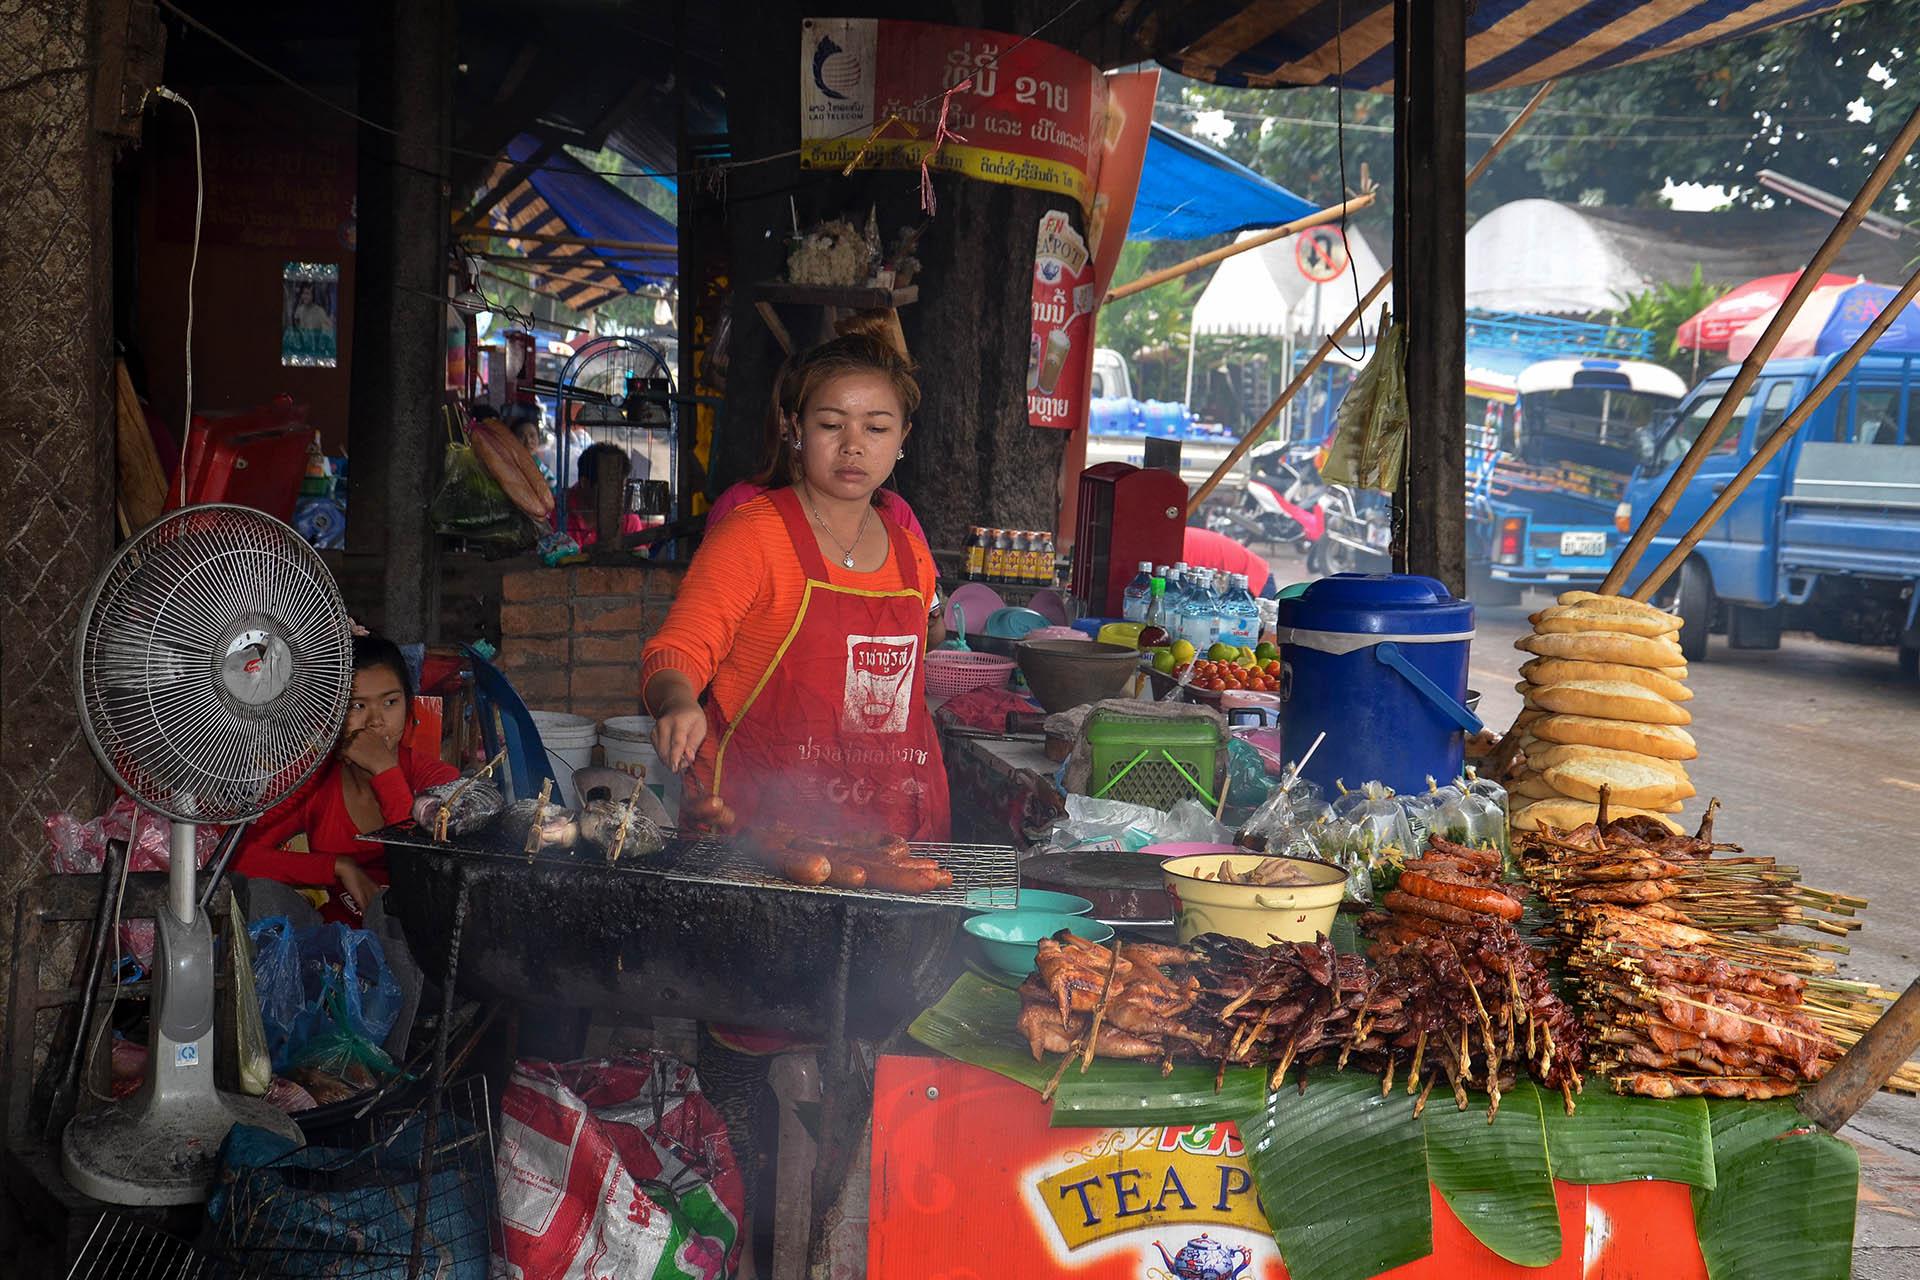 Grillstand in Luang Prabang